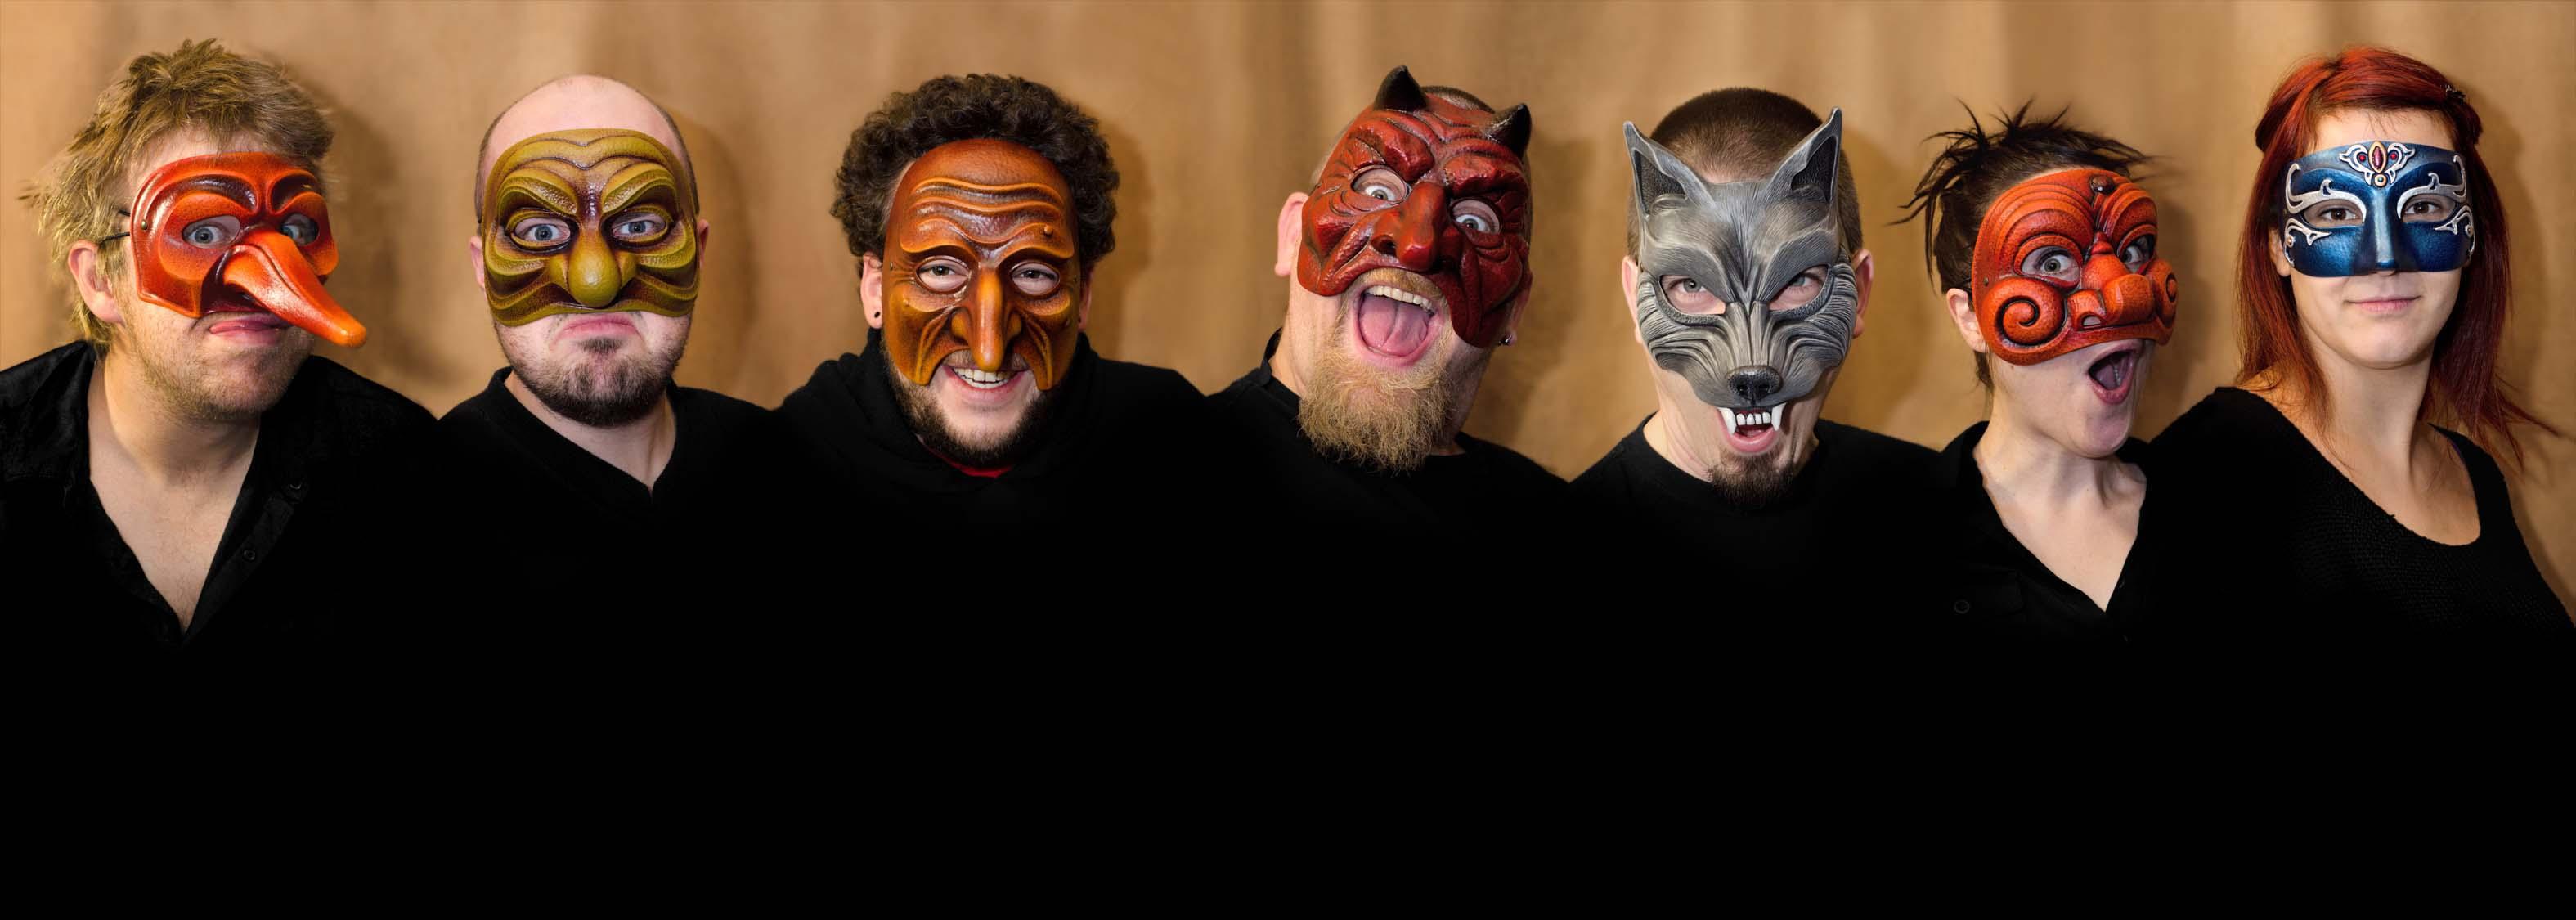 Atelier Pirate - Sélection de masques - Masks selection